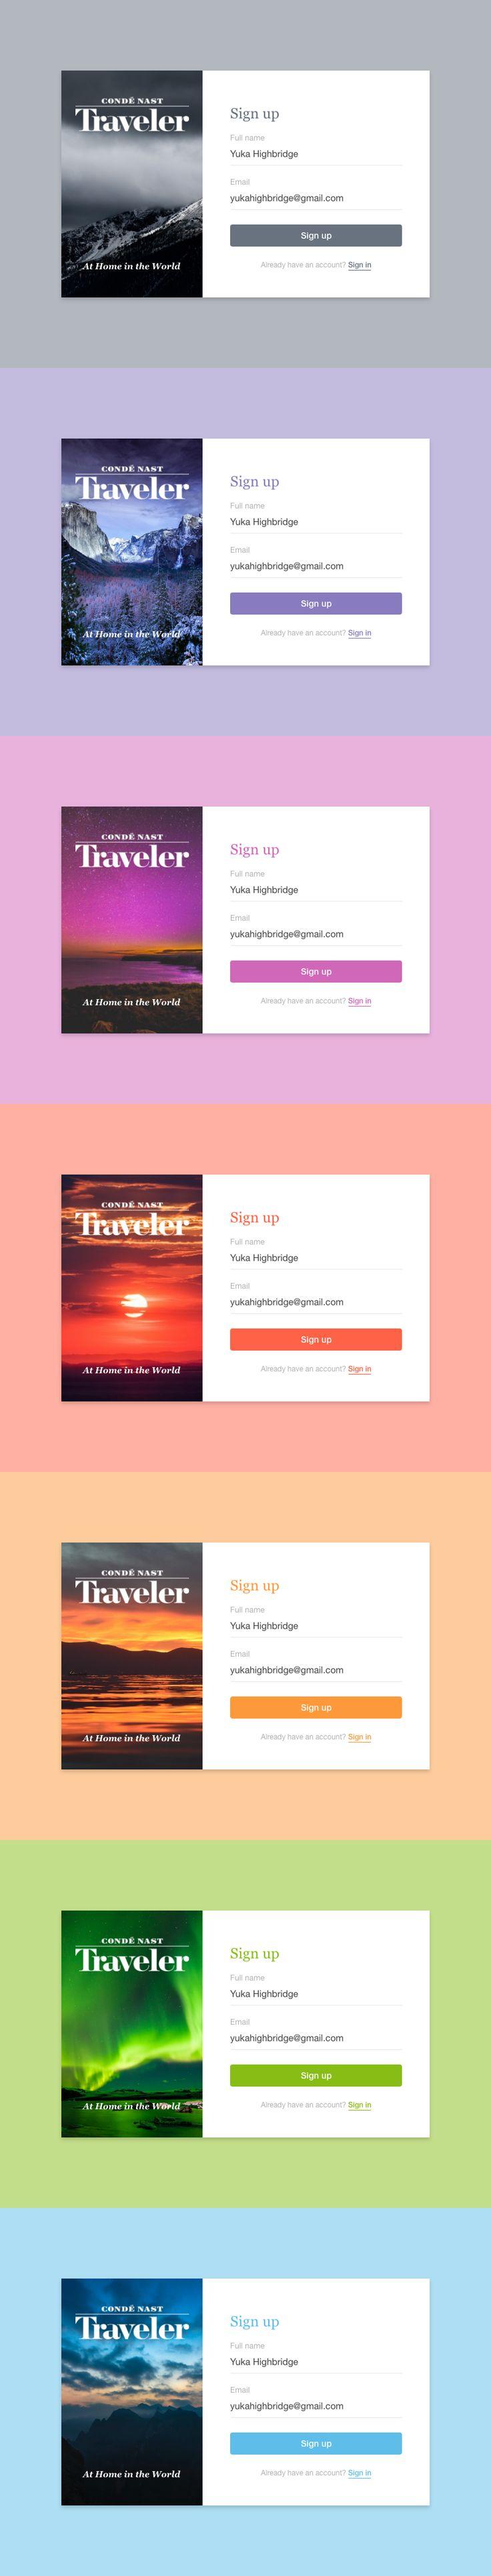 #website #signup #form #freebie #prototype #app #UI #idea #design